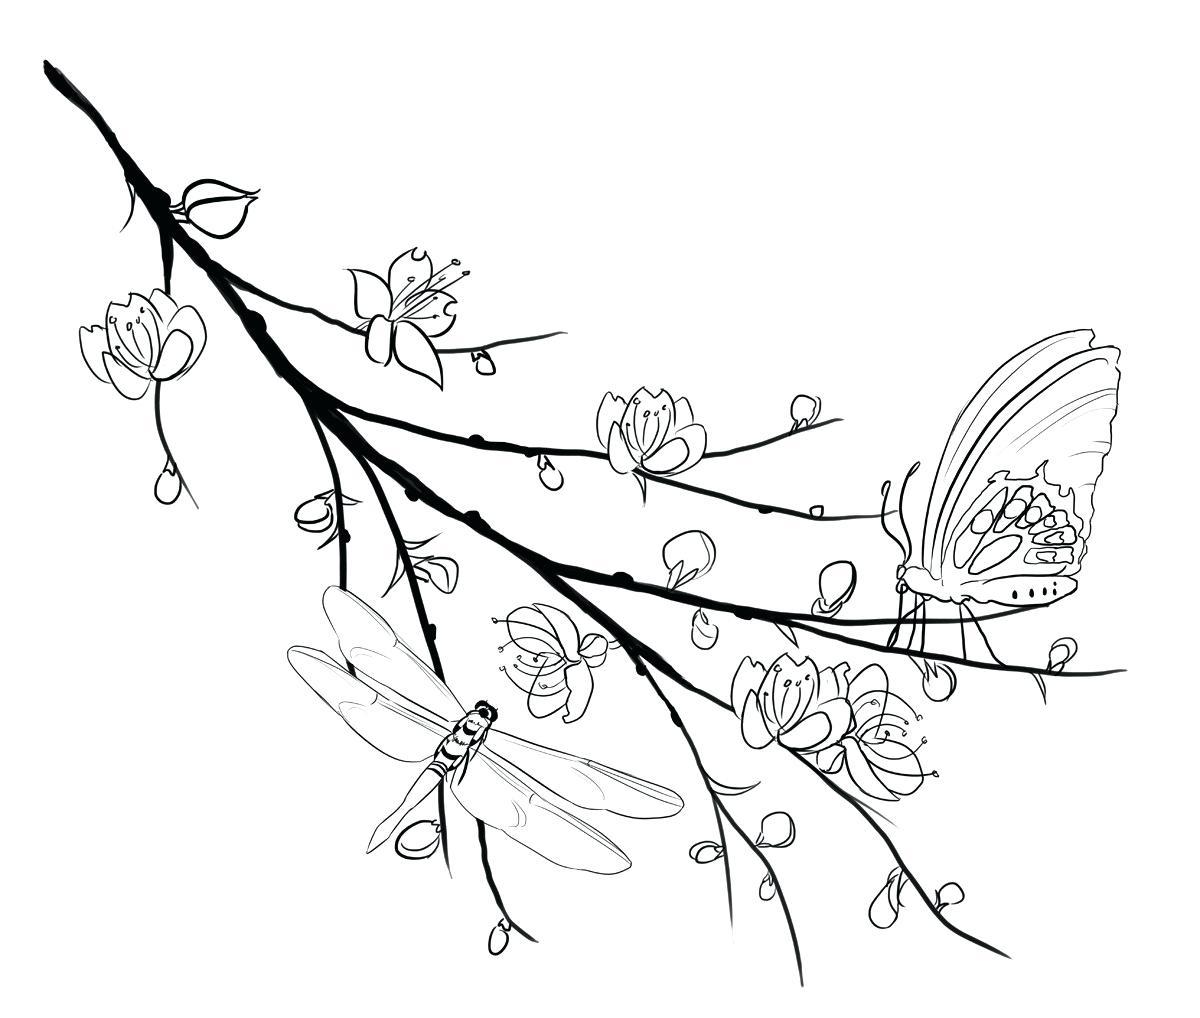 Tranh tô màu bông hoa mai đẹp nhất